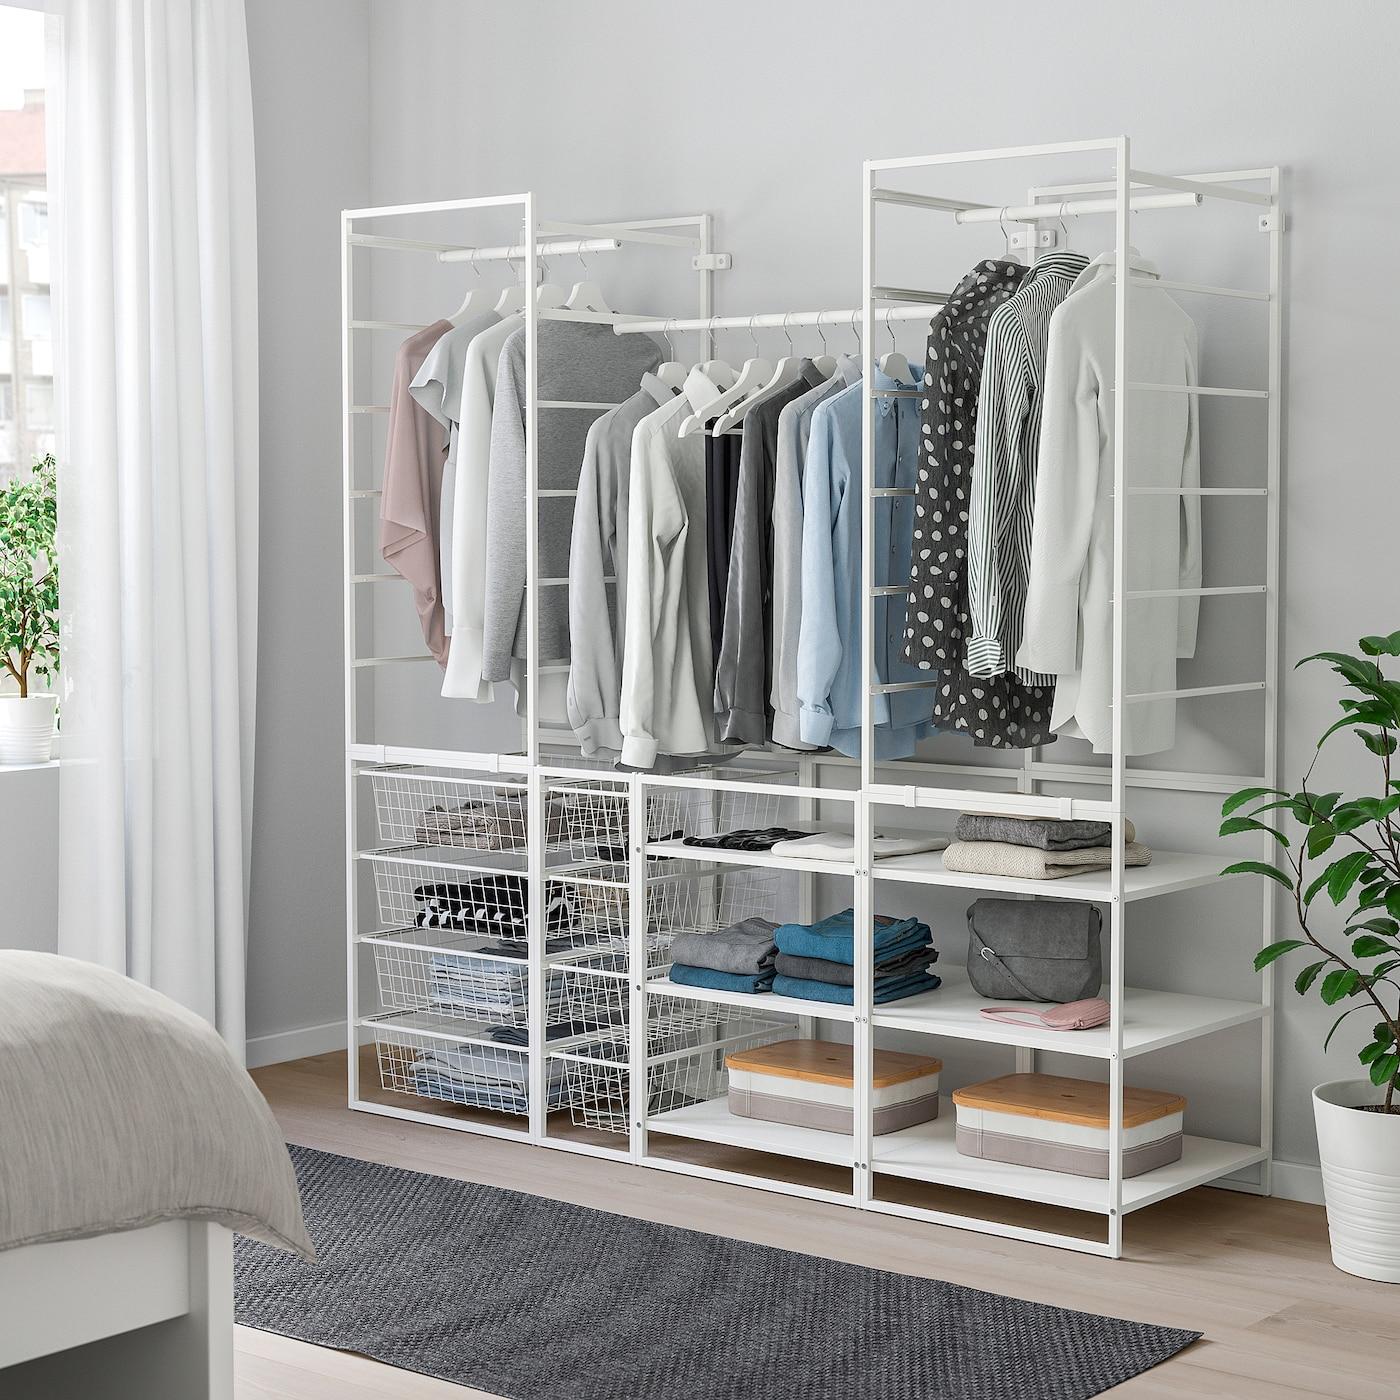 JONAXEL Rahmen/Drahtkörbe/Kleidersta/Böden, weiß, 173x51x173 cm